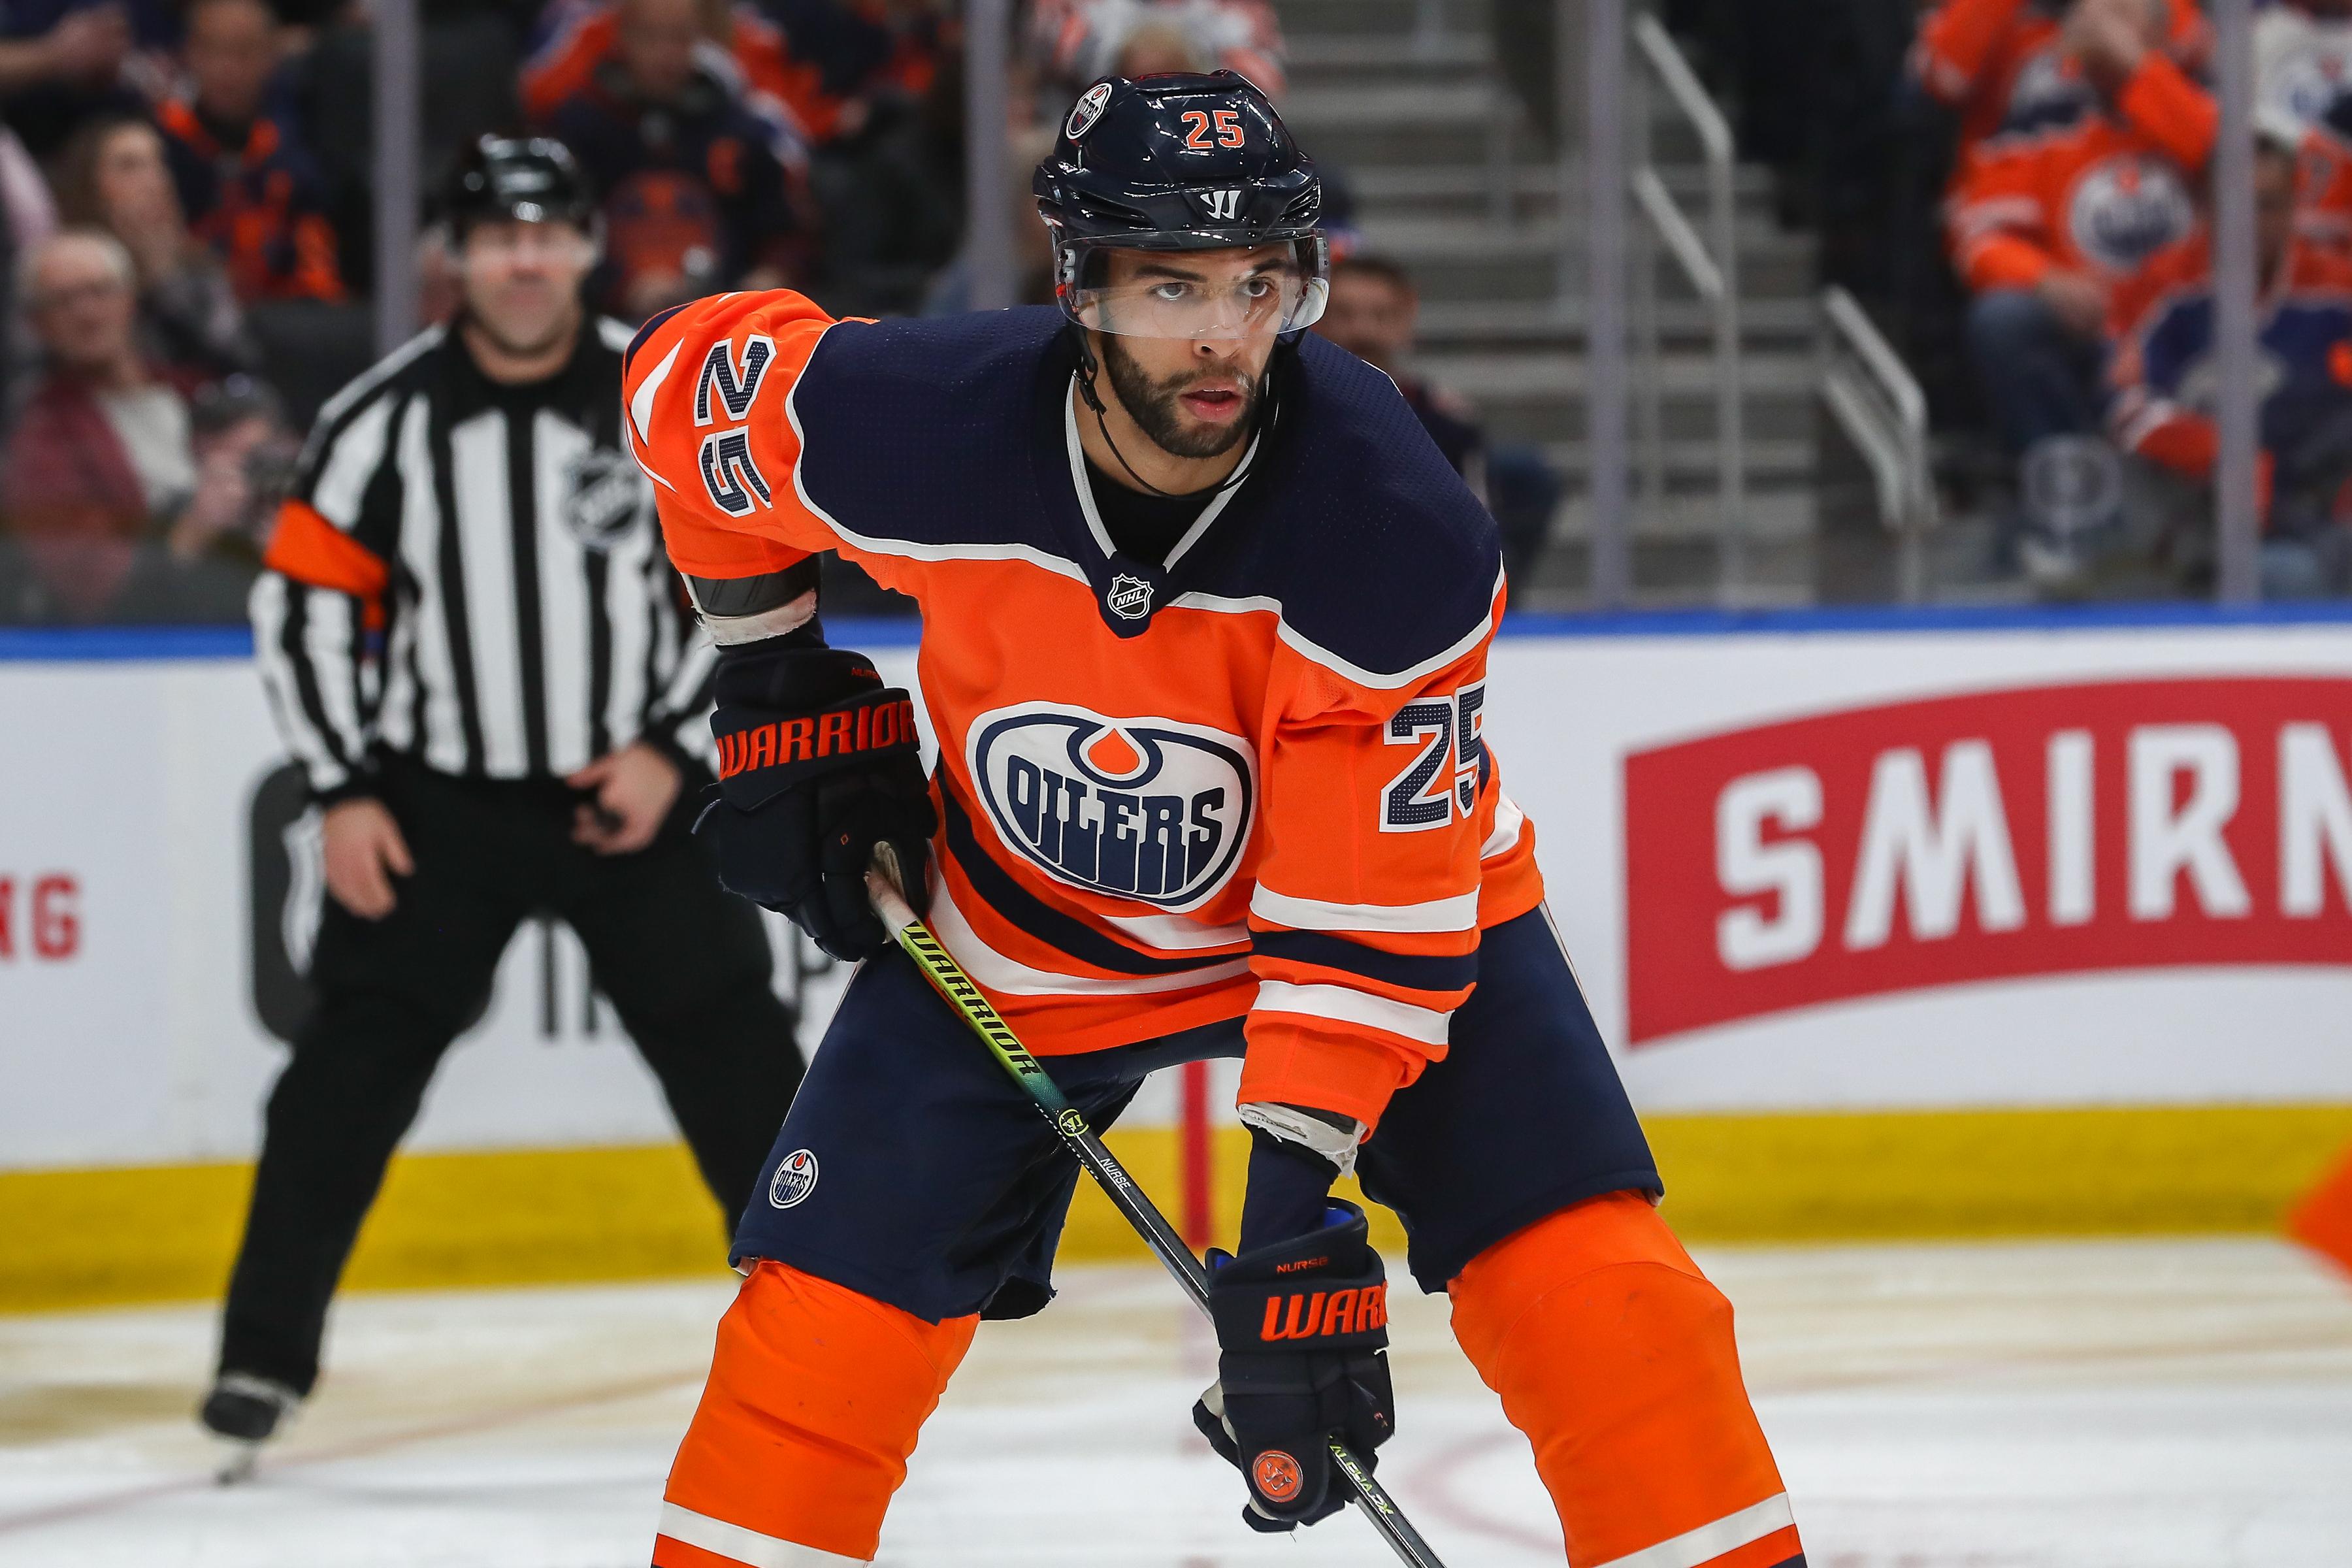 NHL: FEB 08 Predators at Oilers